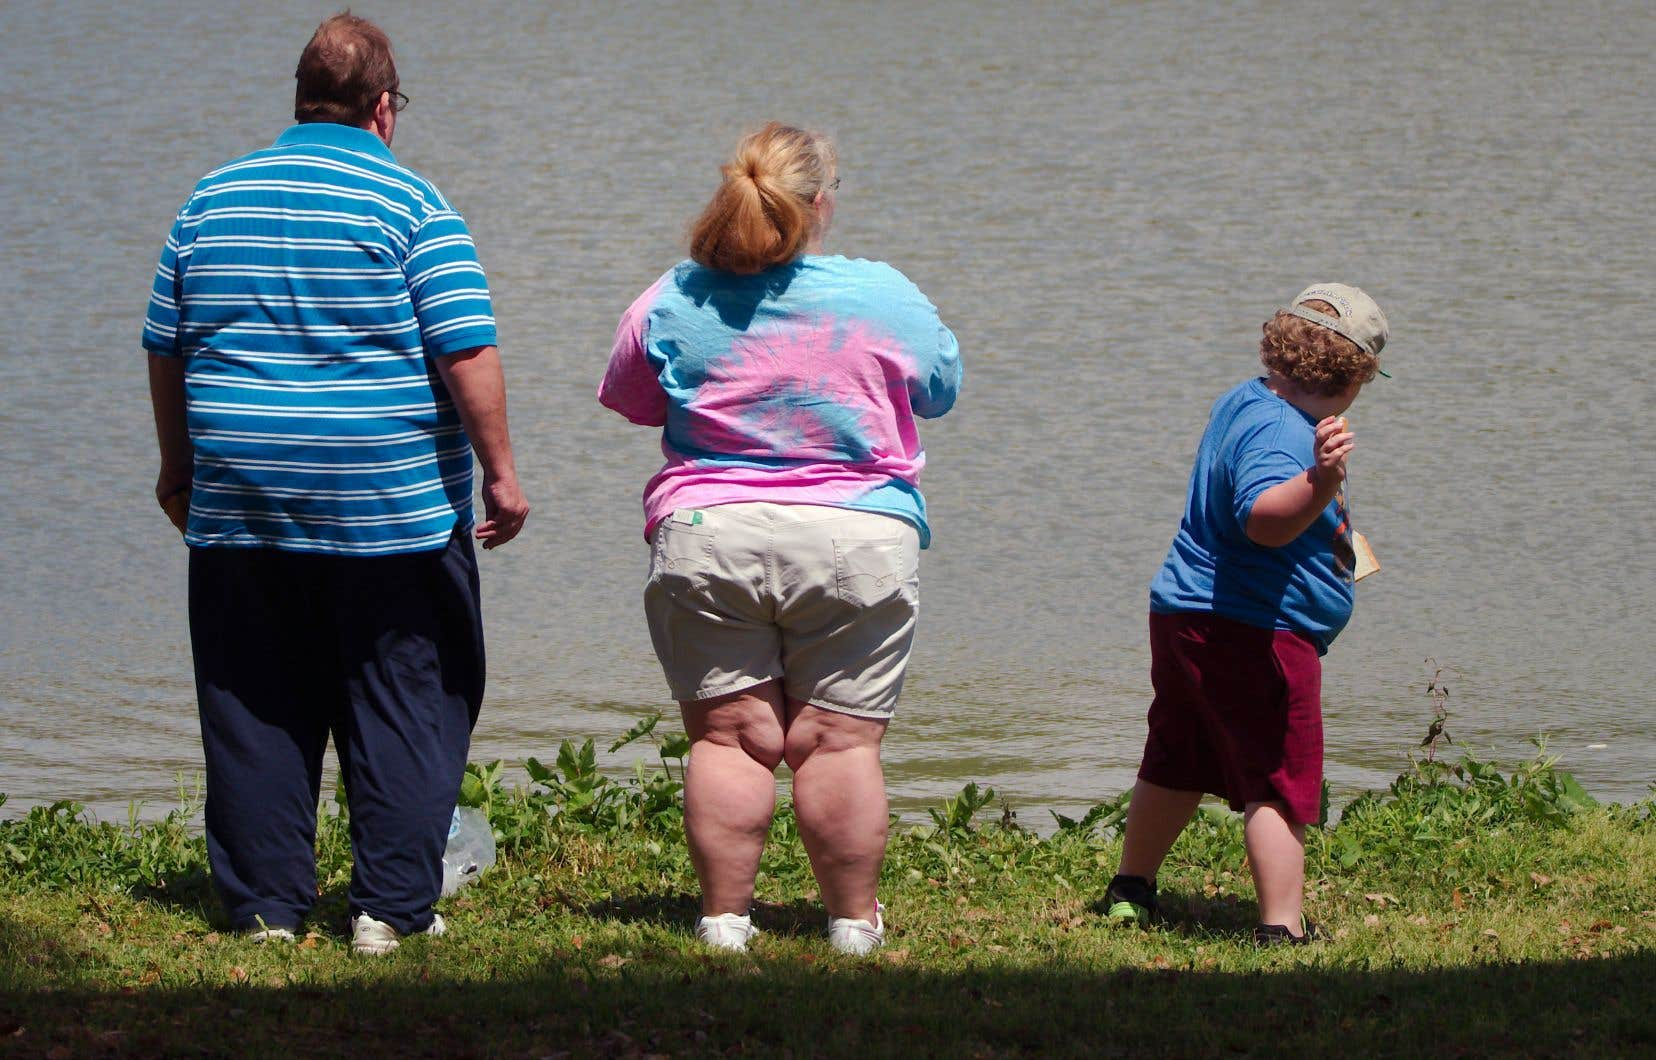 L'obésité abdominale découle de multiples facteurs, dont l'alimentation, la génétique, la sédentarité et divers facteurs environnementaux.